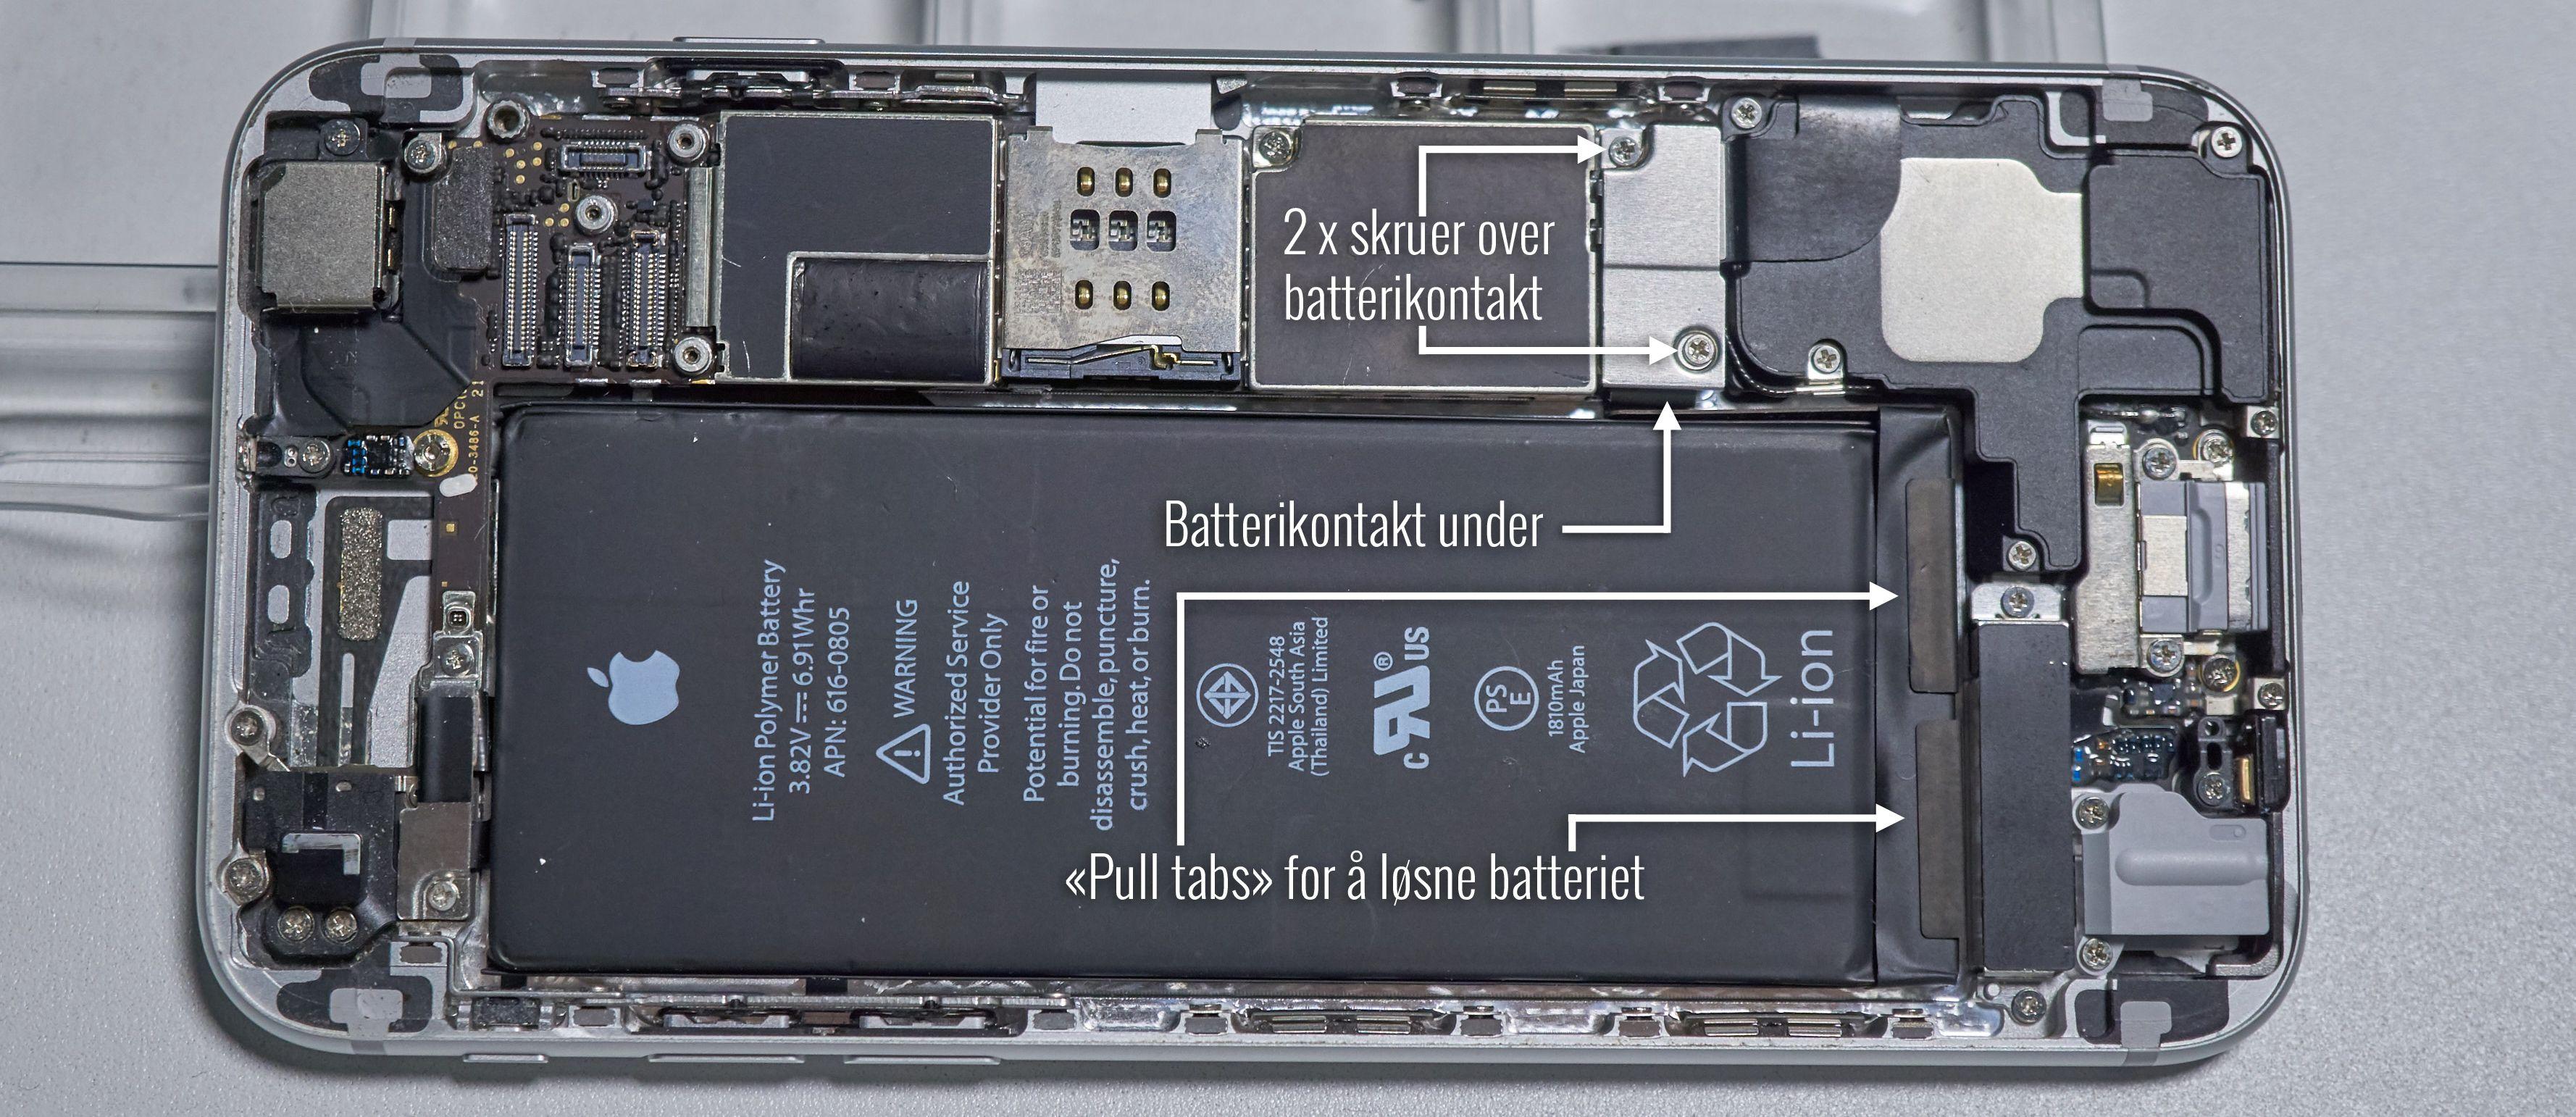 For å få tilgang til logoen var det heldigvis bare batteriet som måtte ut.